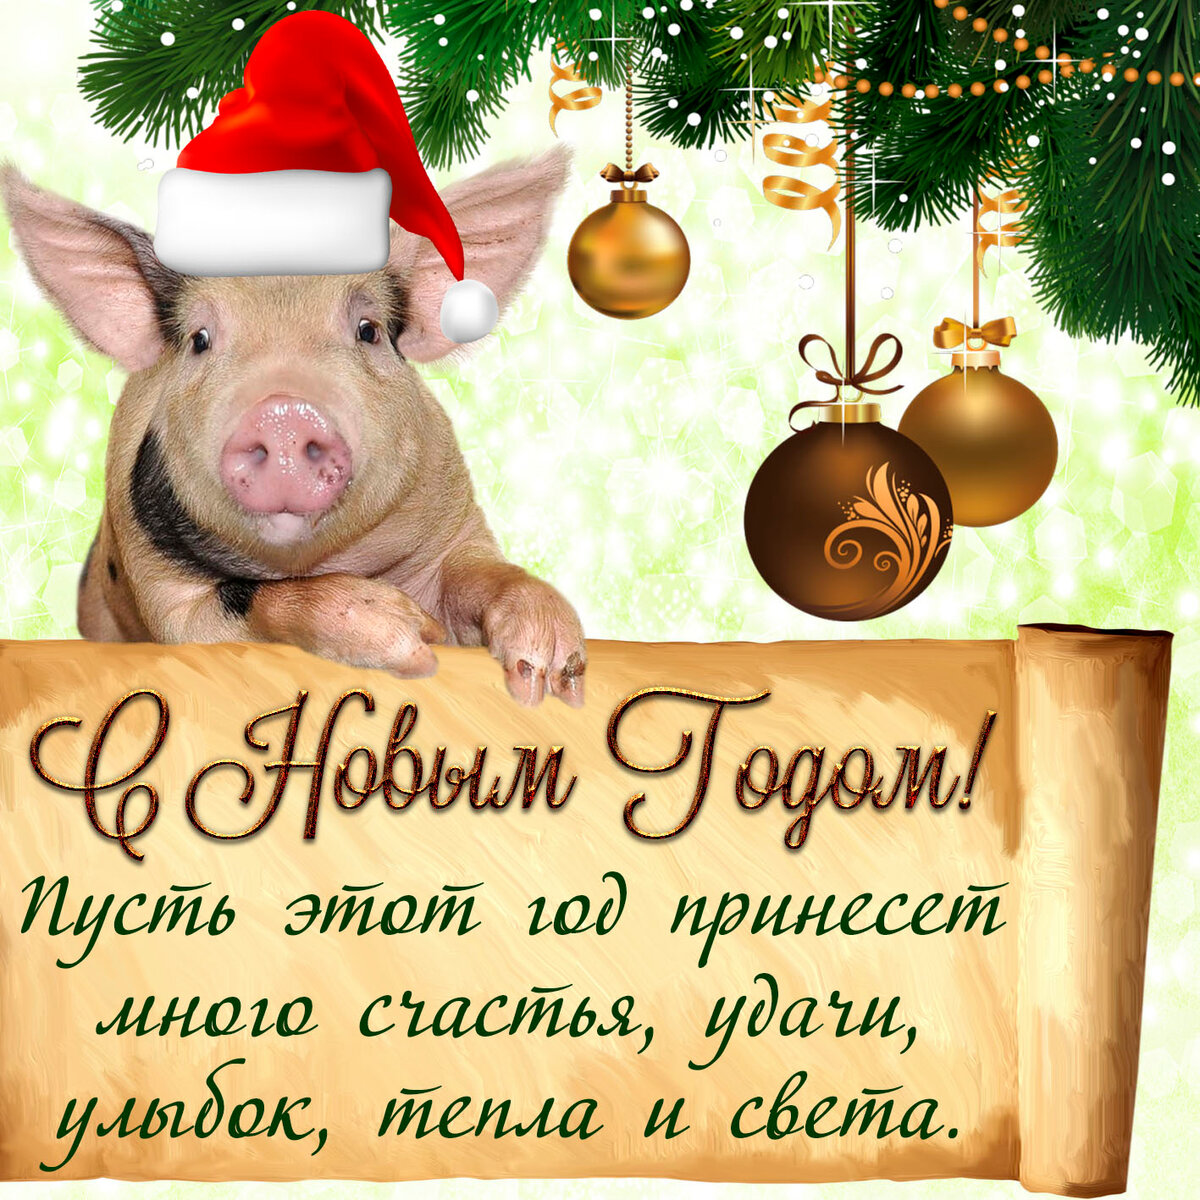 это года картинка с поздравлением нового года свиньи воздействием капсул происходит